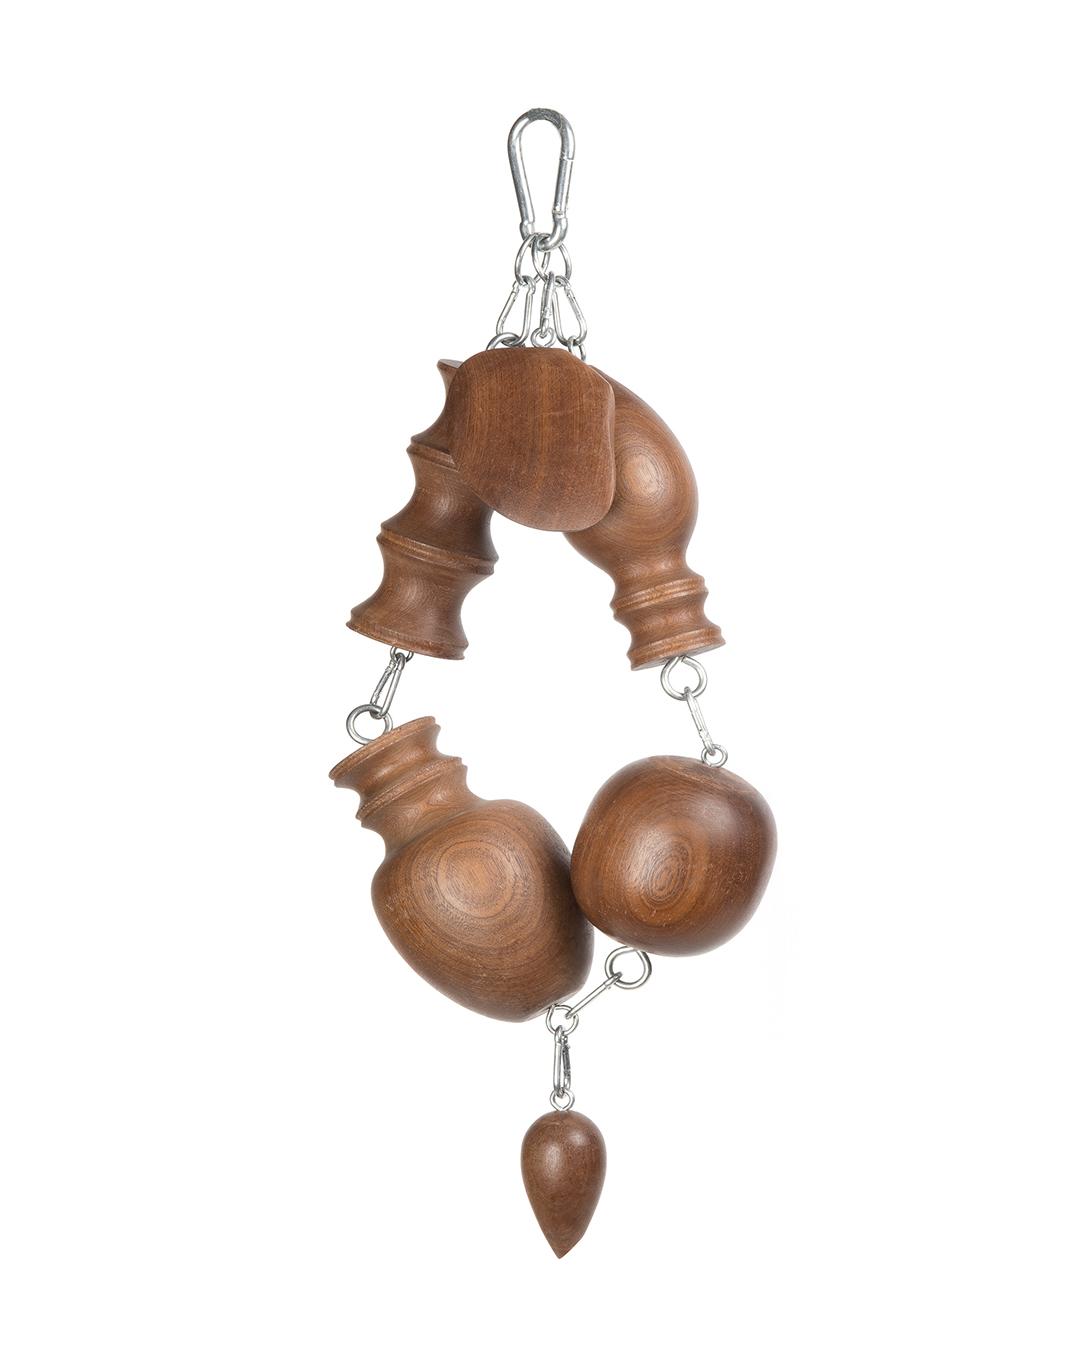 Markéta Kratochvílová, Chinese Necklace, 2016, necklace; exotic wood, stainless steel 600 x 250 x 120 mm